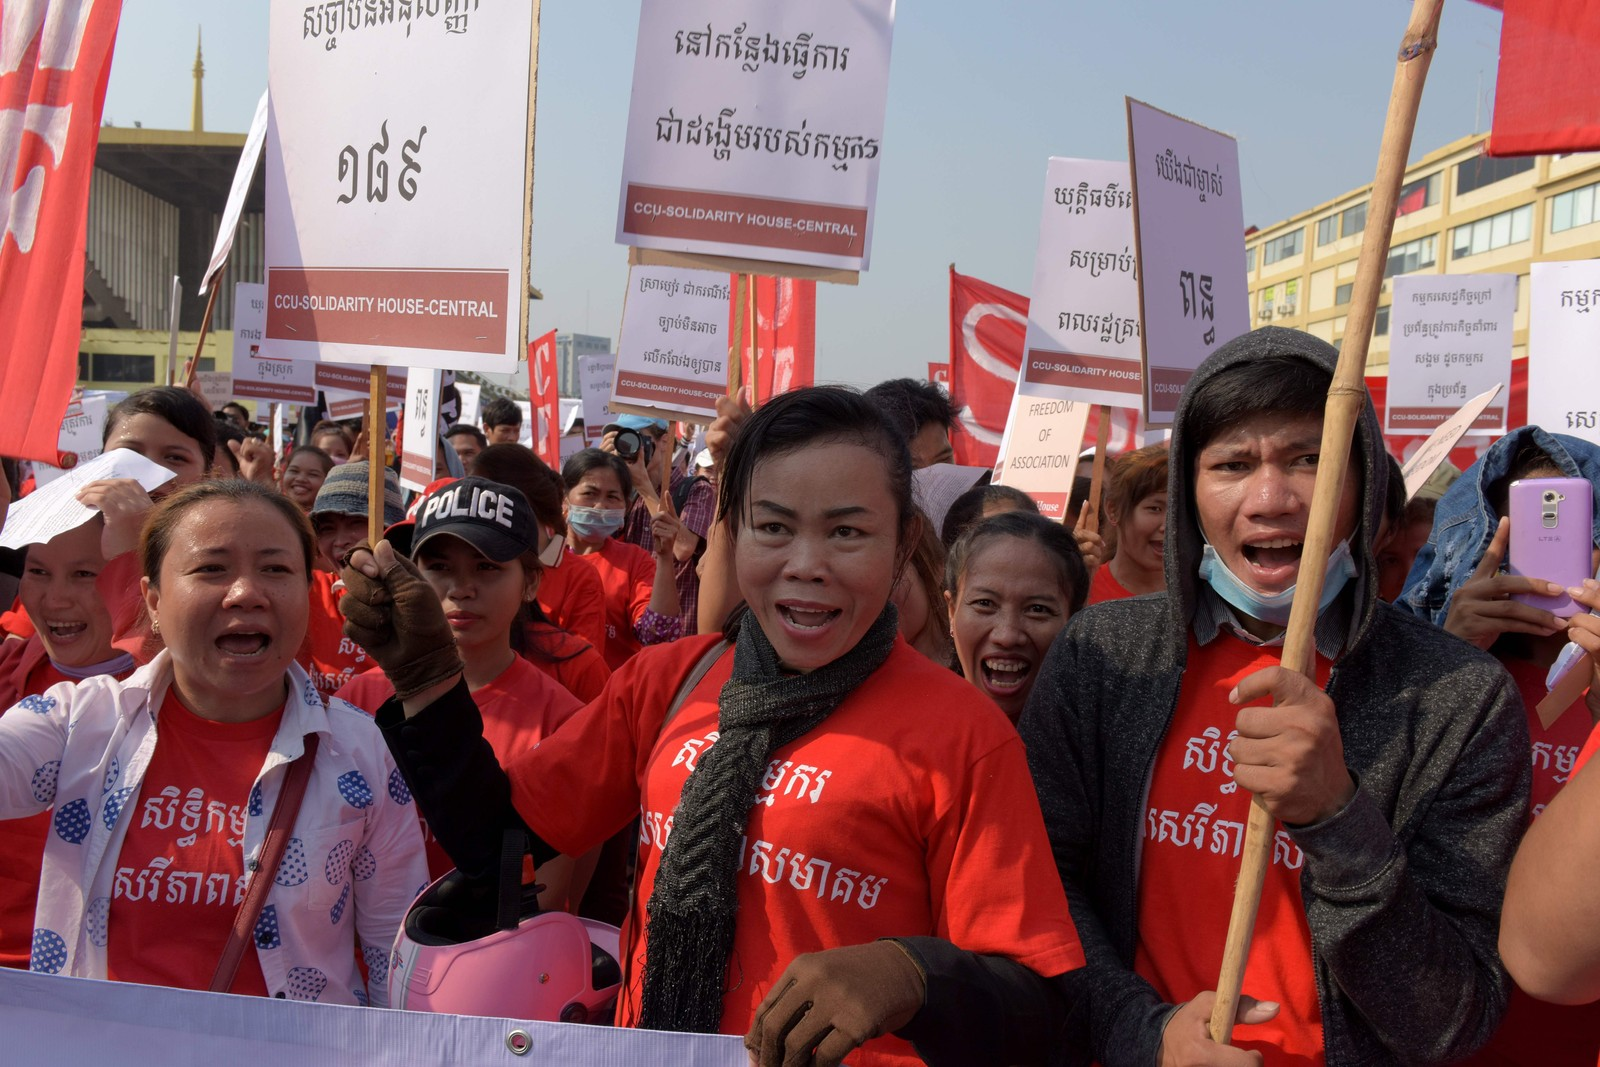 I Phnom Penh i Kambodsja krevde arbeiderne flere jobber, høyere lønninger og bedre arbeidsvilkår da de marsjerte i gatene 1. mai.